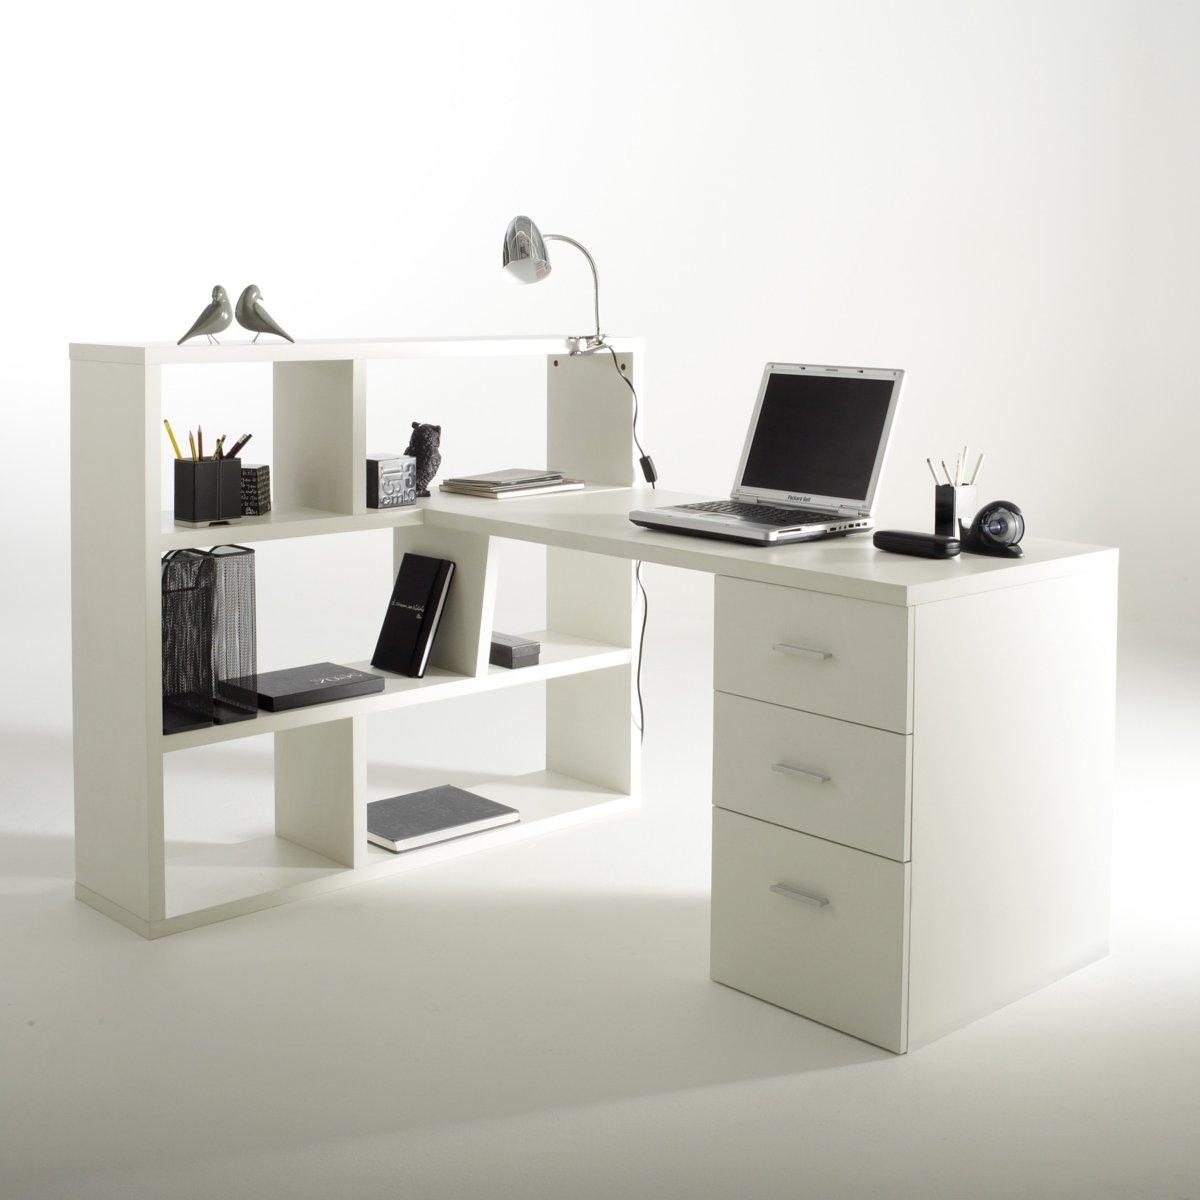 Стол письменный двухсторонний с шкафом для книг, 2 цвета, Fénon